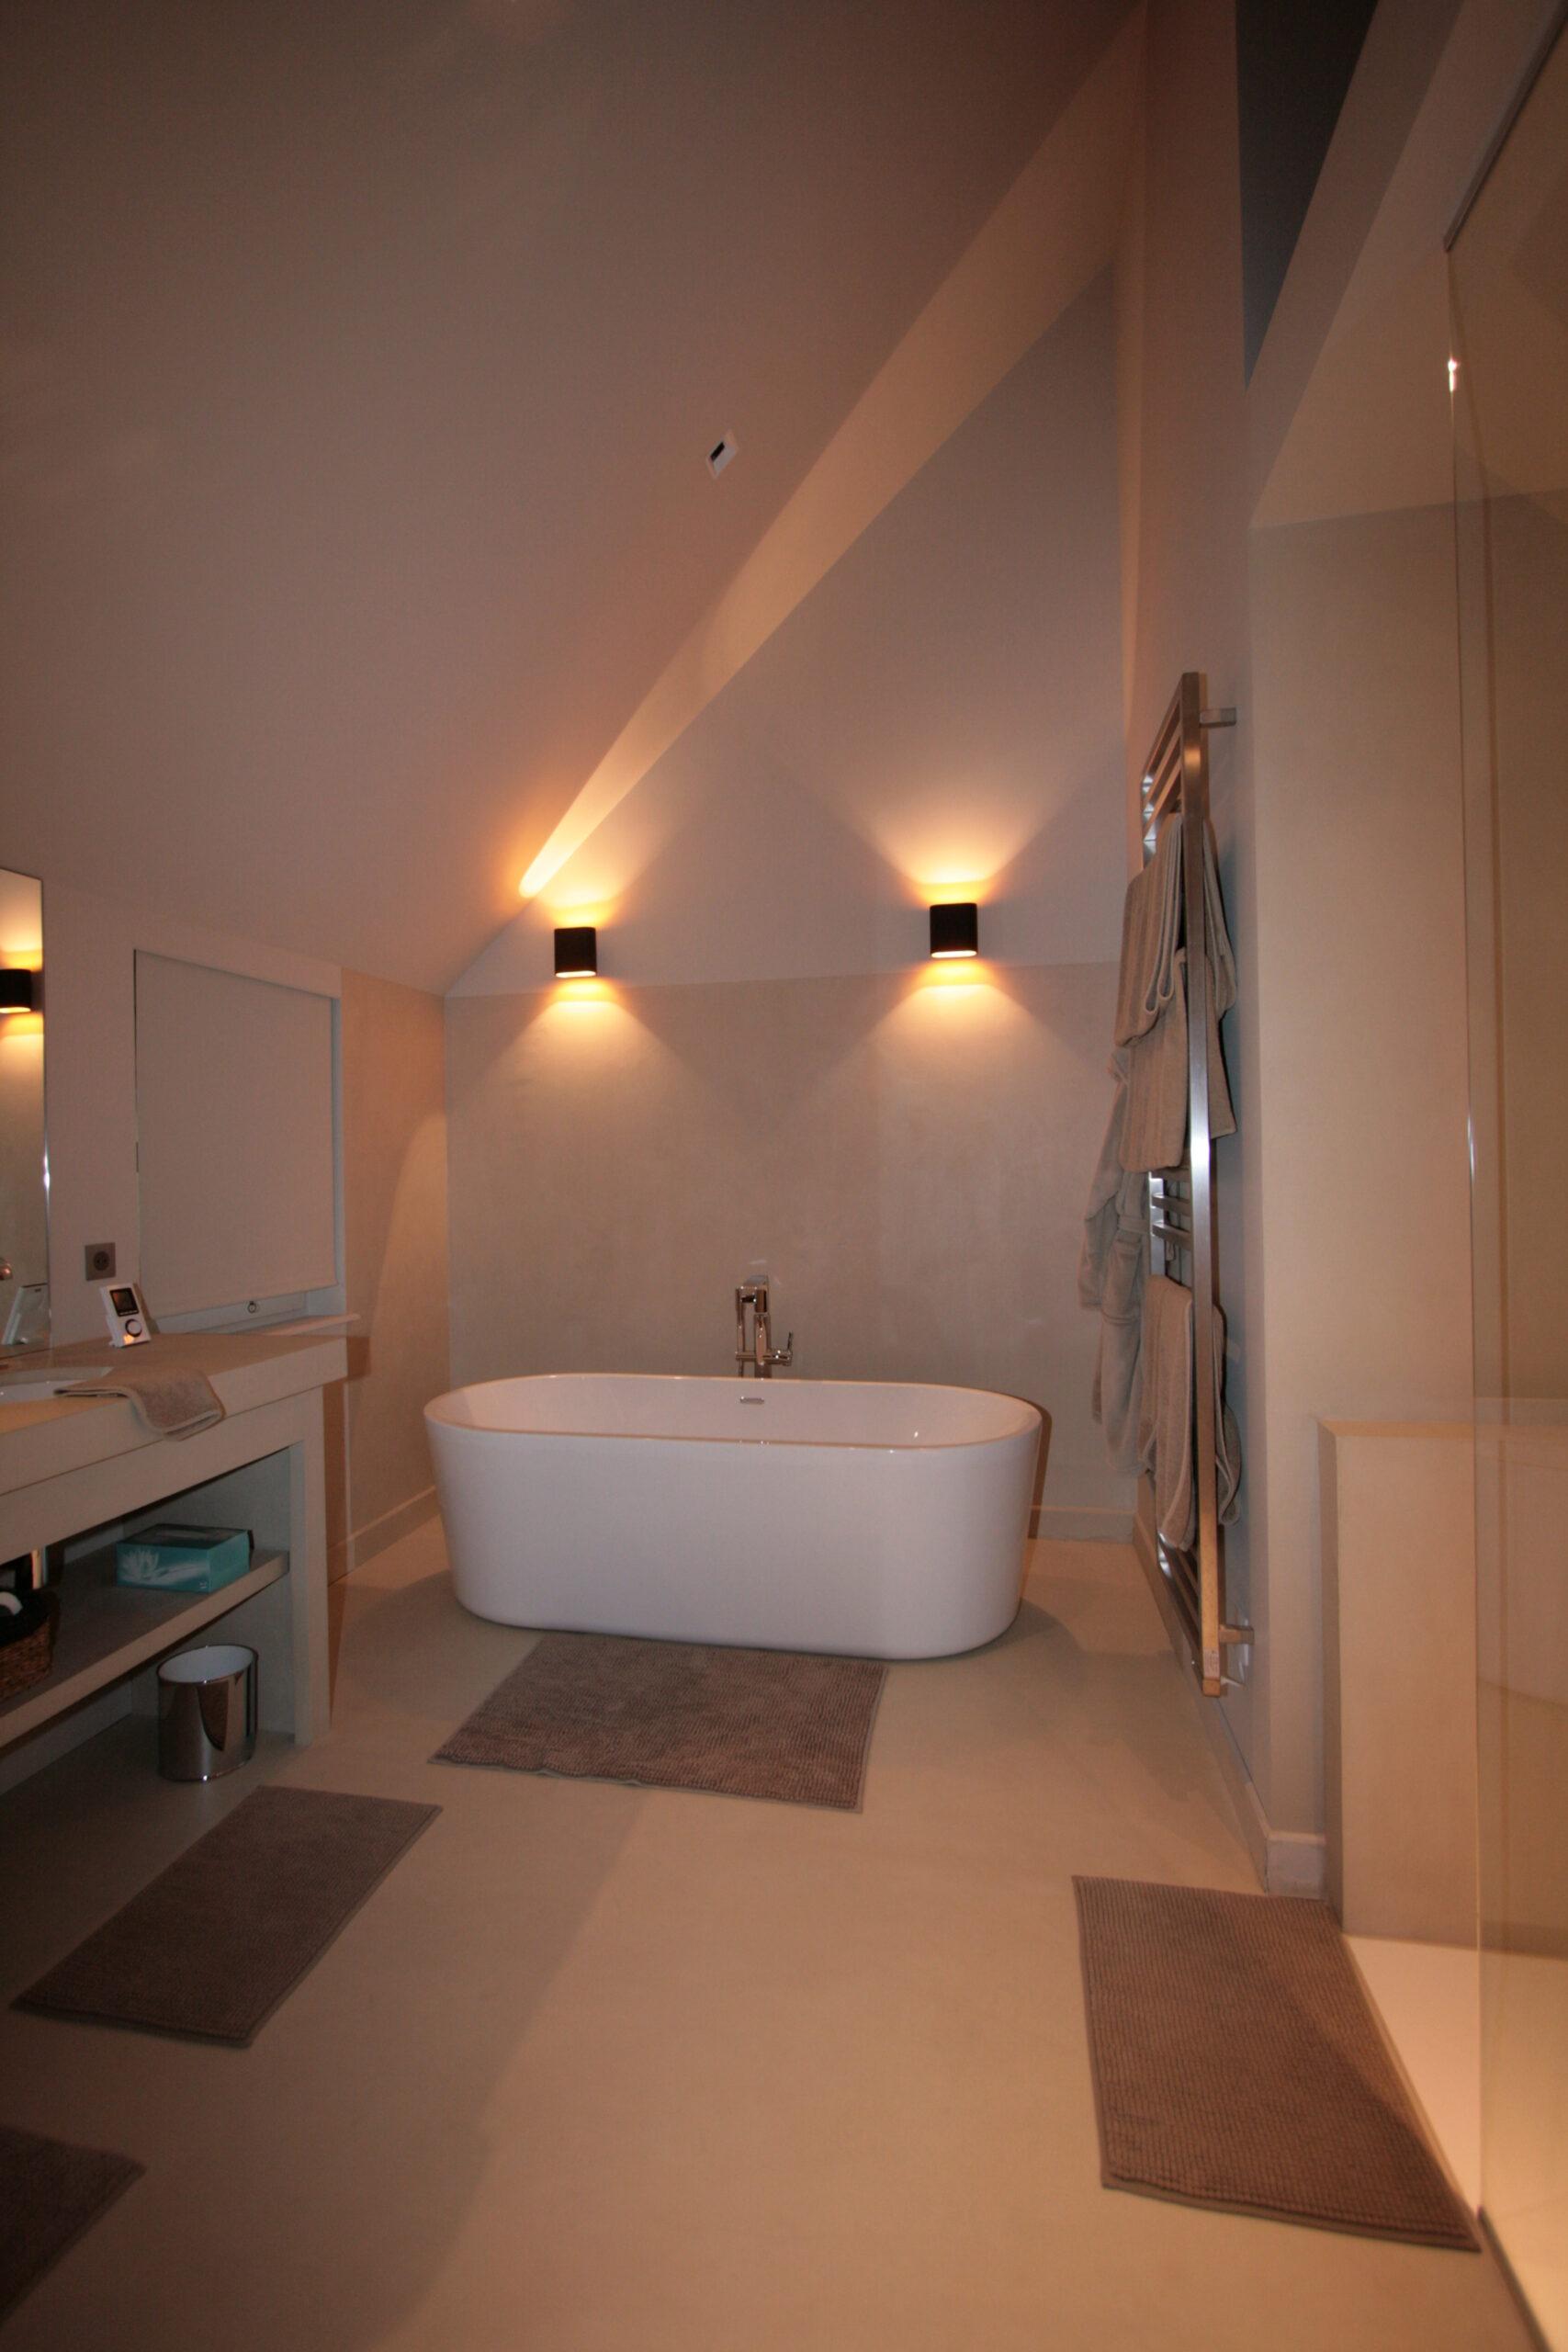 salle-de-bain-suite-parentale-baignoire-beige-creme